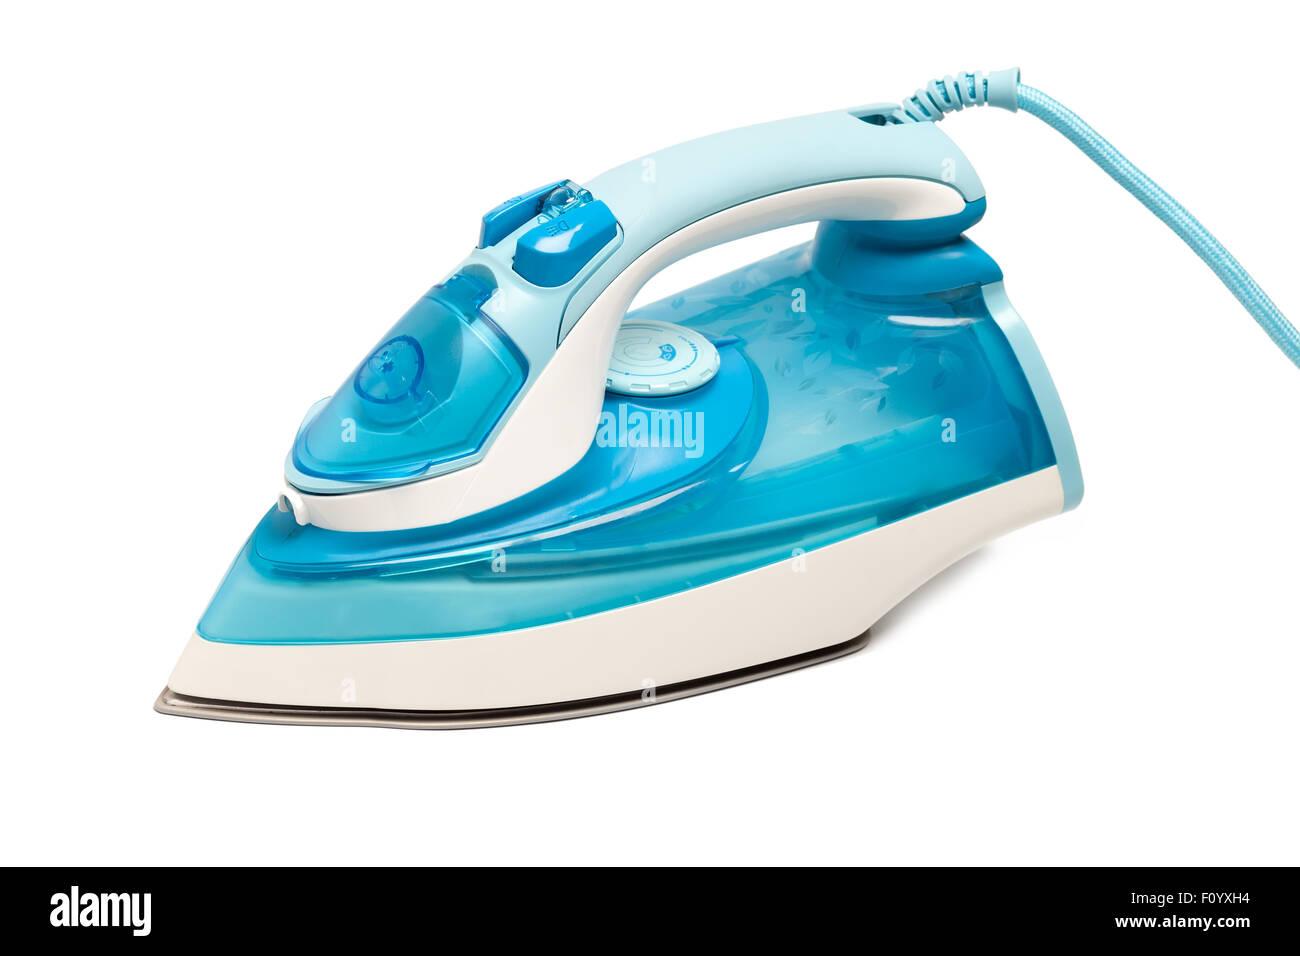 Limpieza a fondo del hogar limpiar tu casa a fondo cnn - Limpieza a fondo casa ...